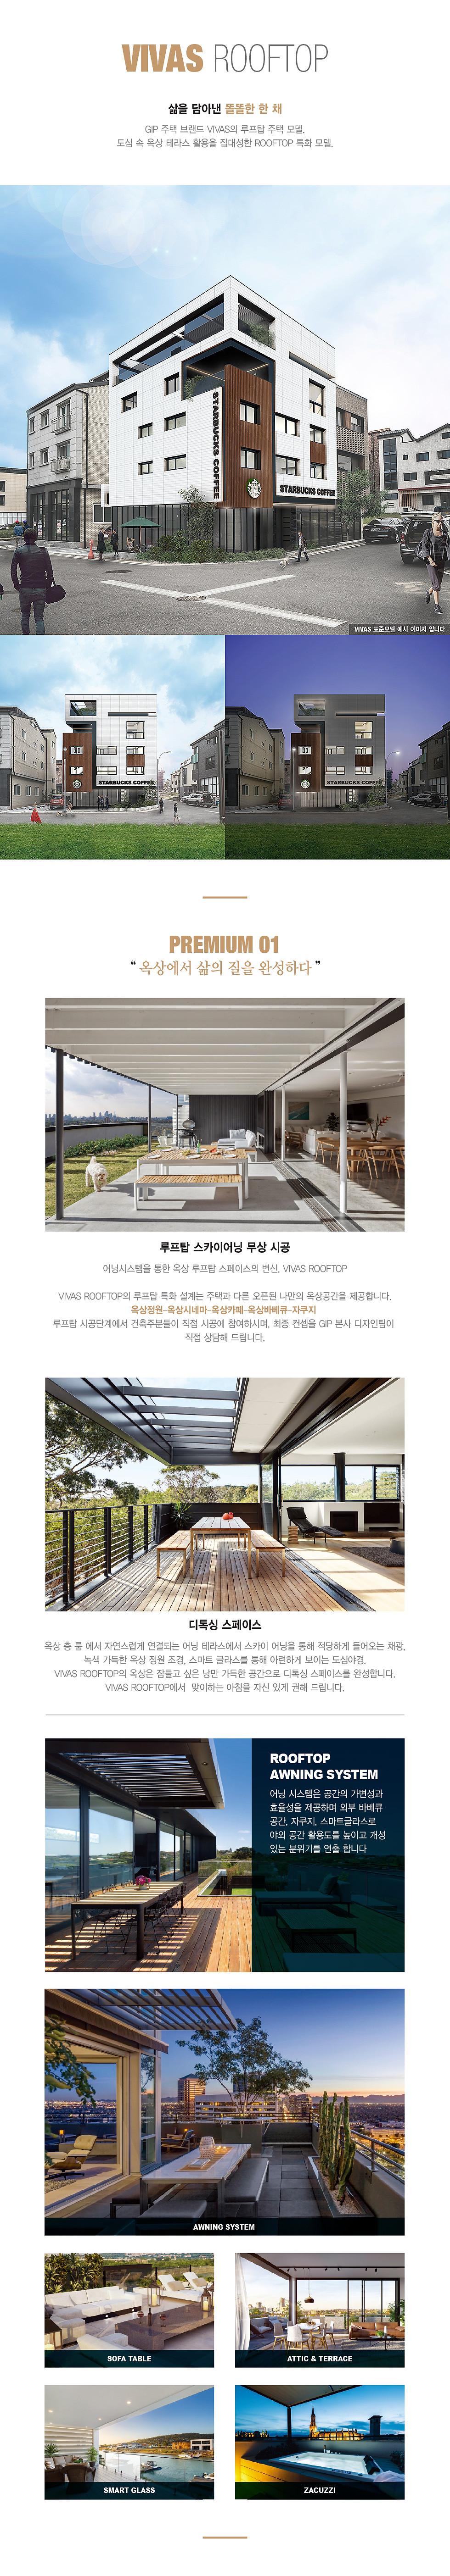 home_vivas_rooftop_02_edit.jpg